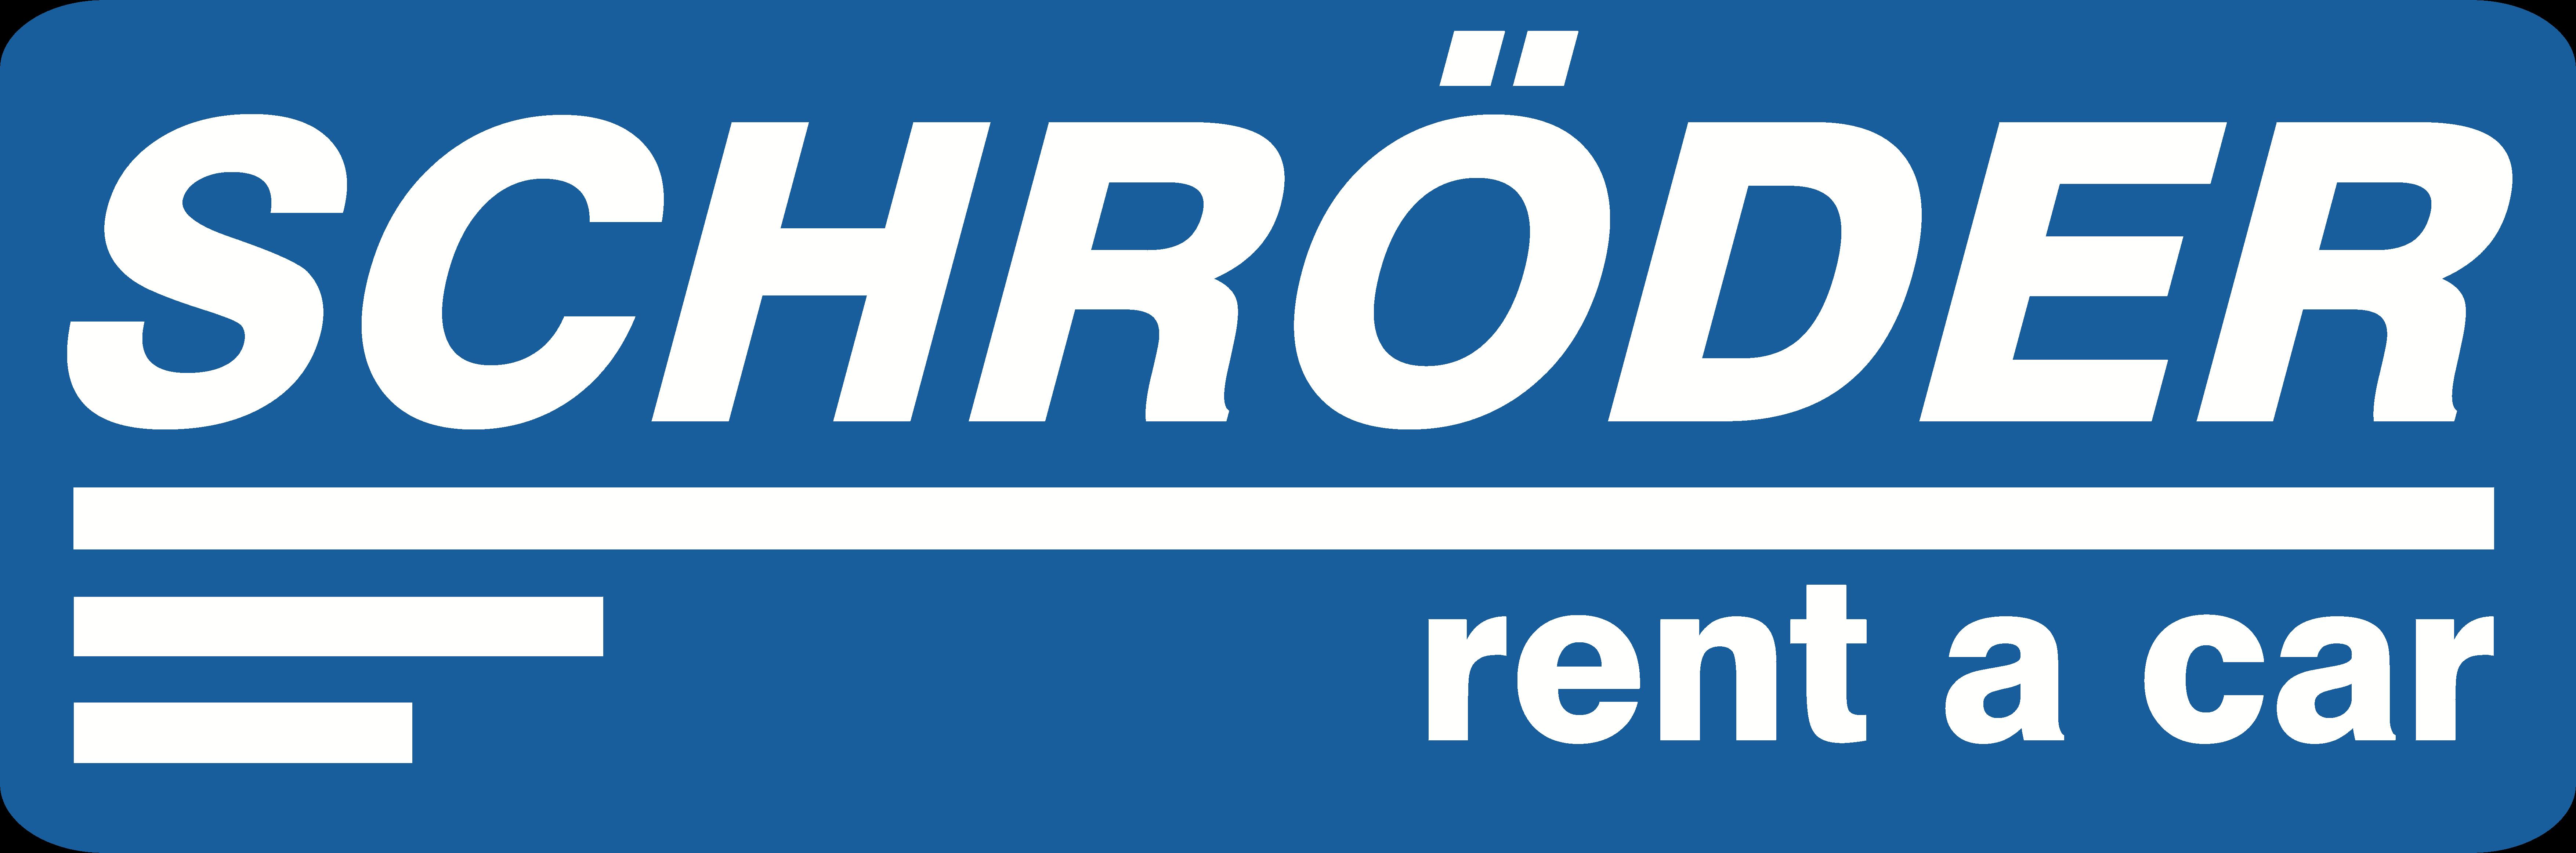 Schröder rent a car – Die blaue Autovermietung Logo